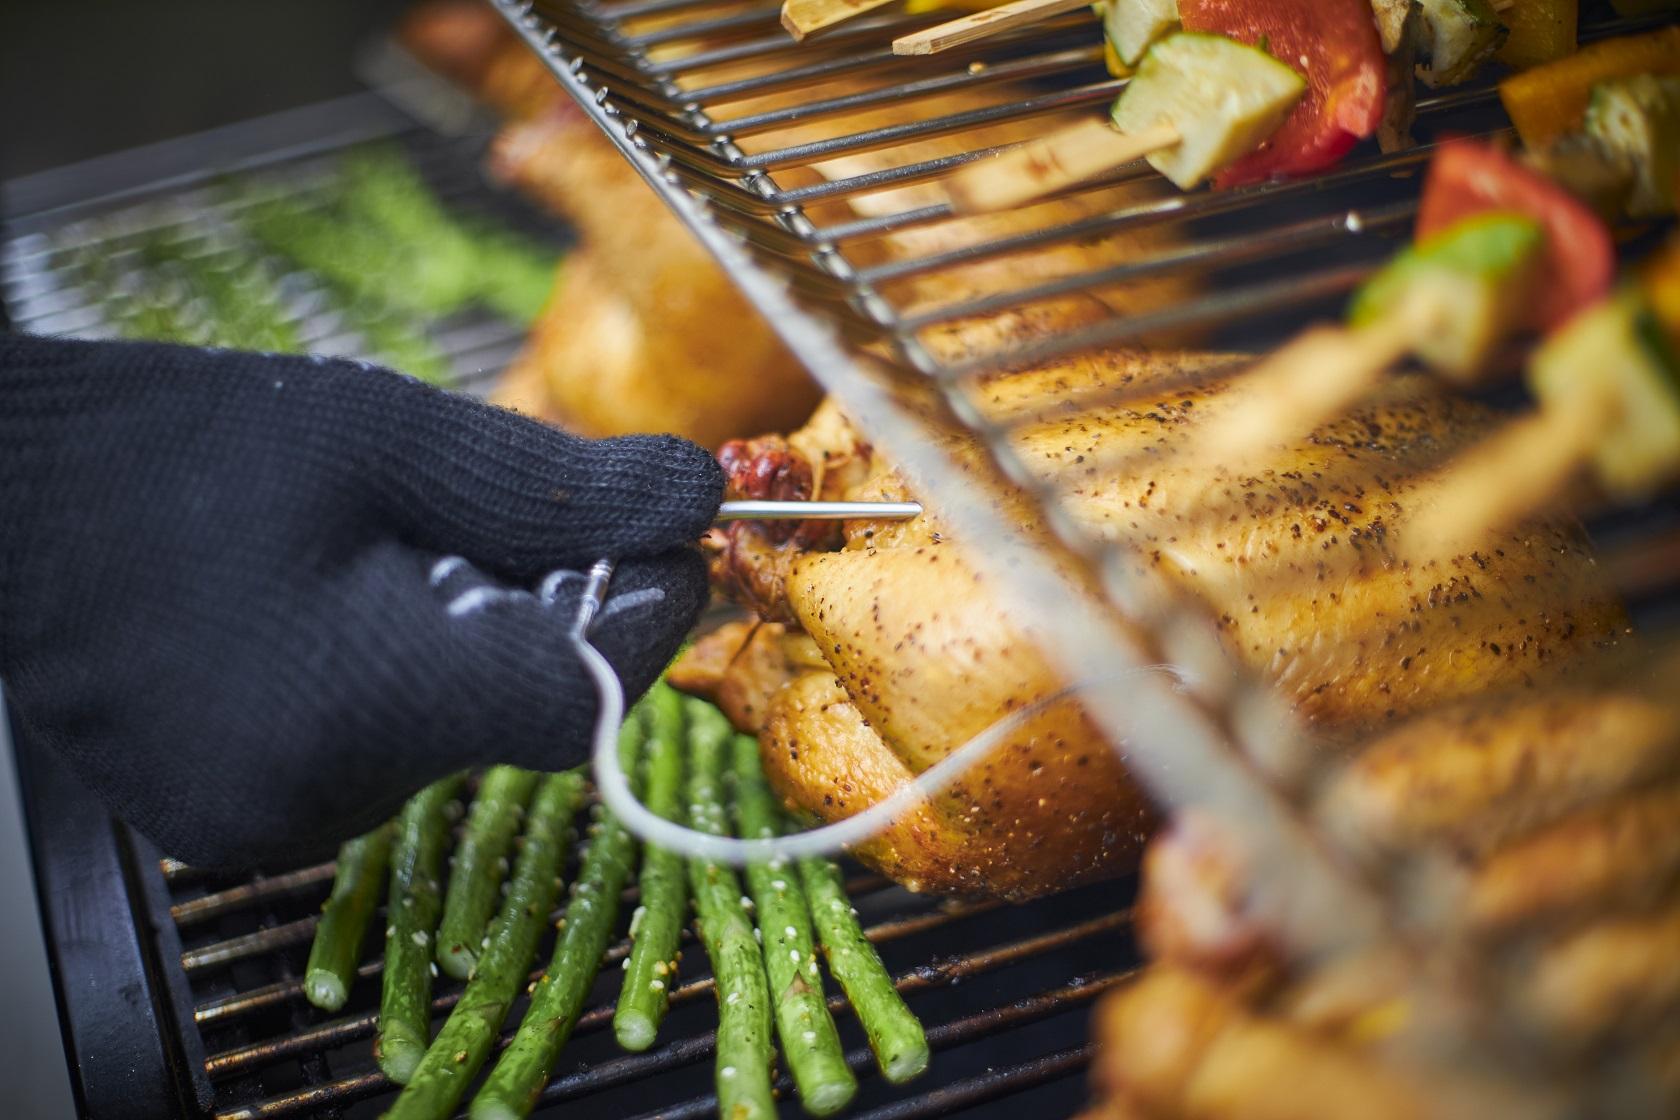 barbecue kookgerei folder aanbieding bij Action details